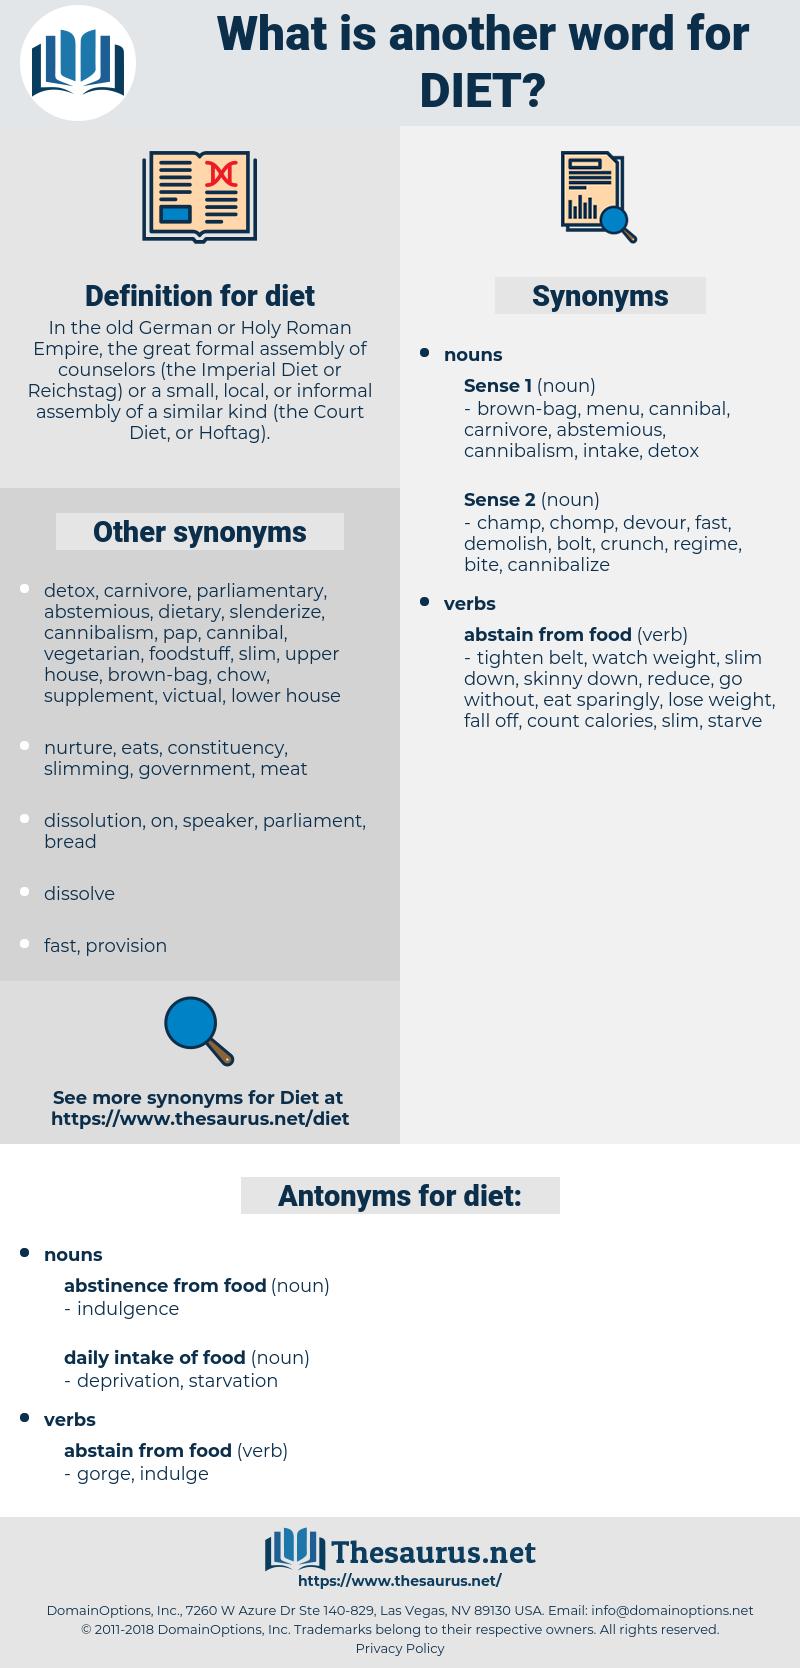 diet, synonym diet, another word for diet, words like diet, thesaurus diet